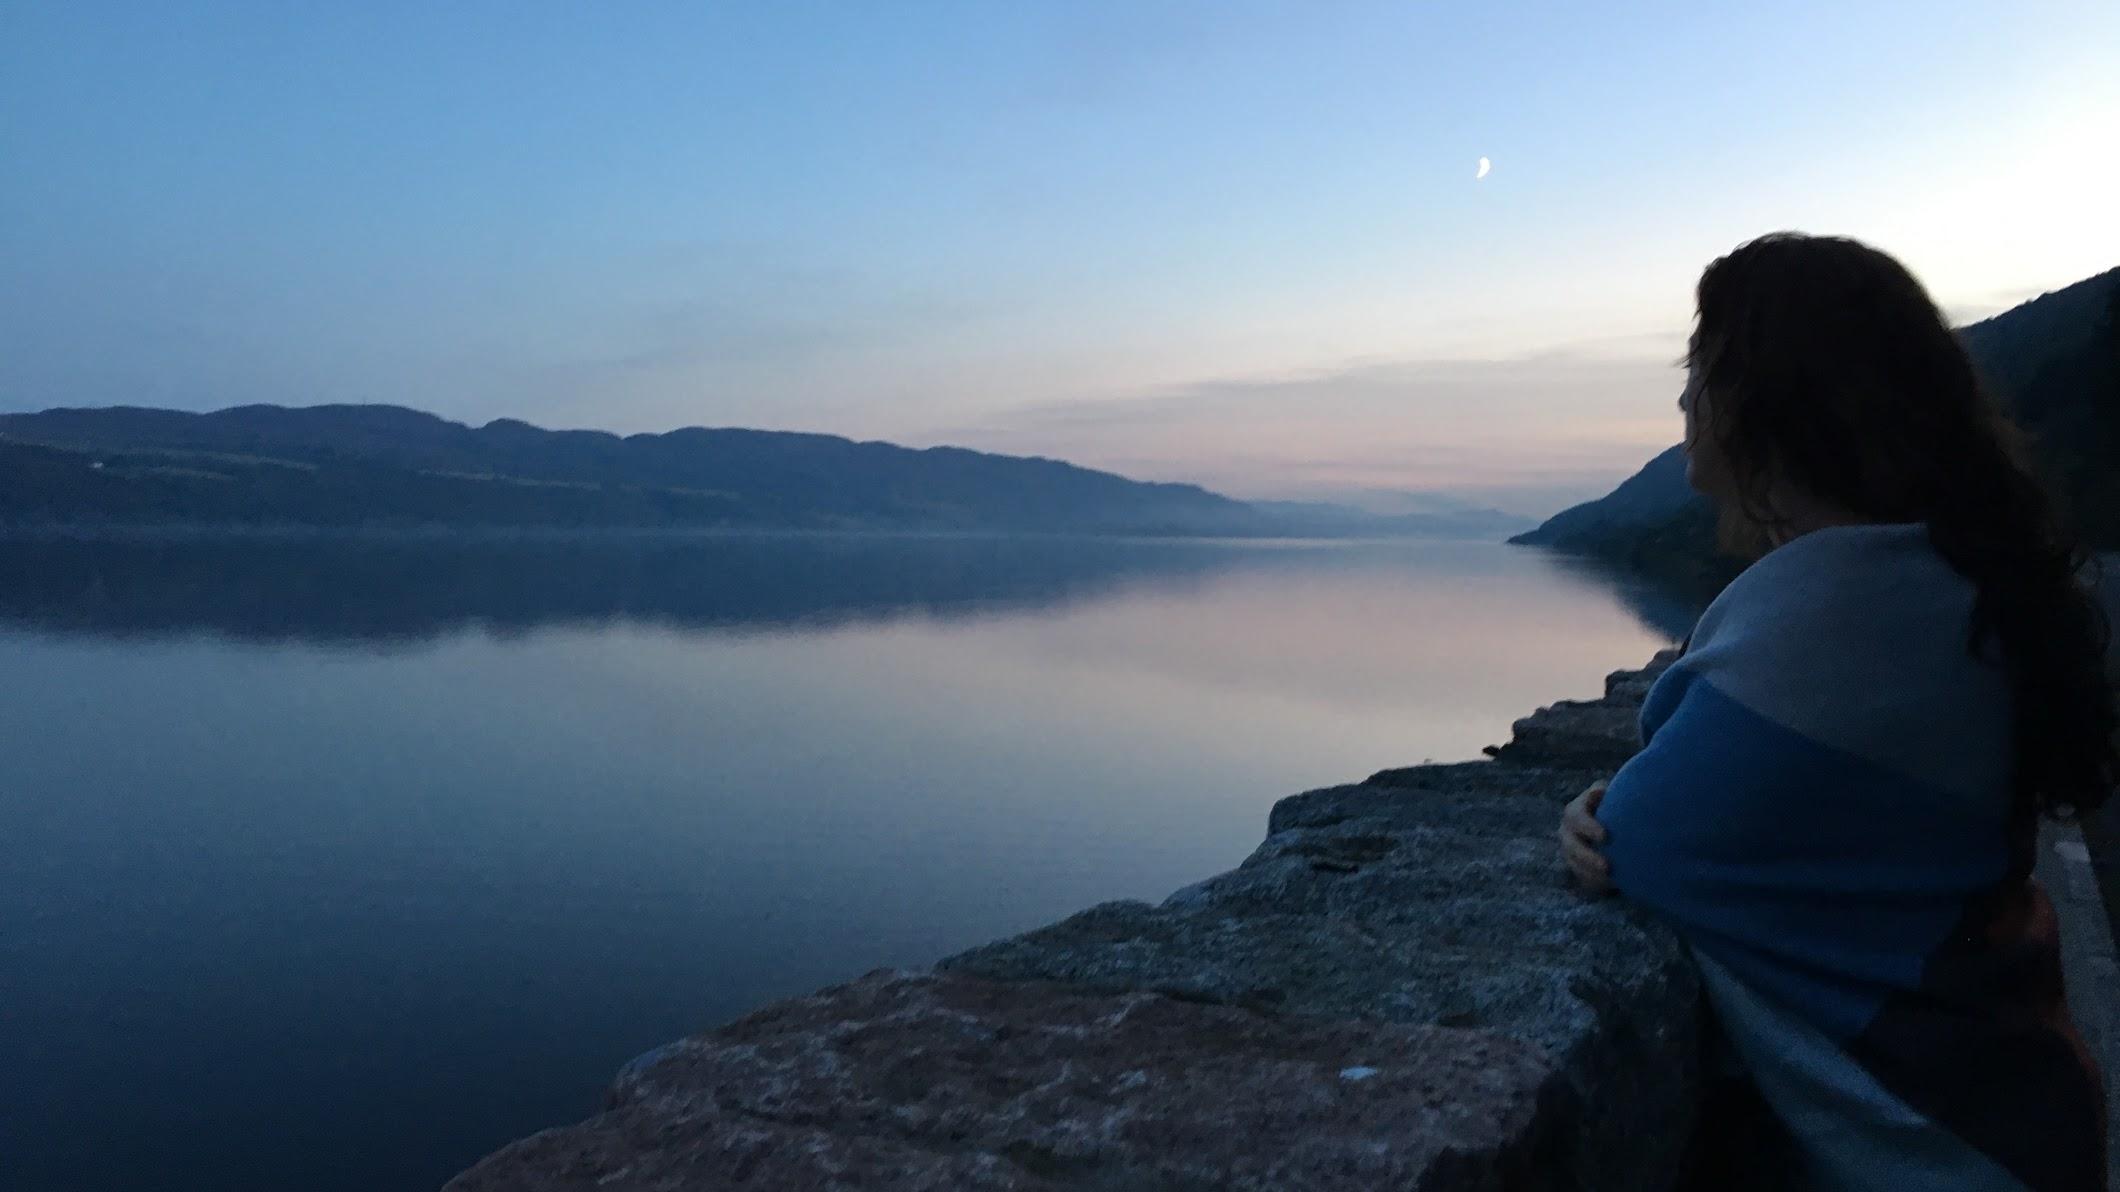 Loch Ness Living